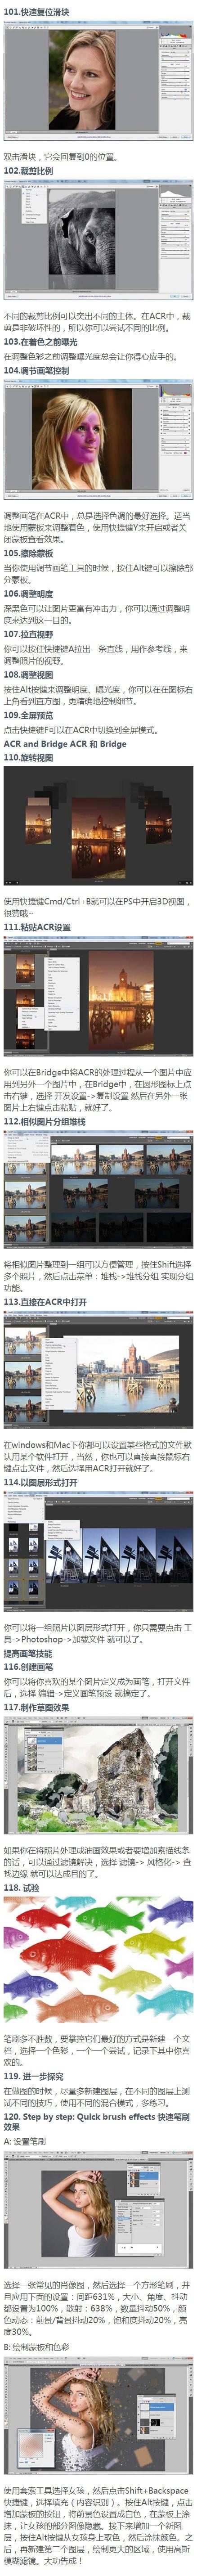 120条Photoshop新手技巧 